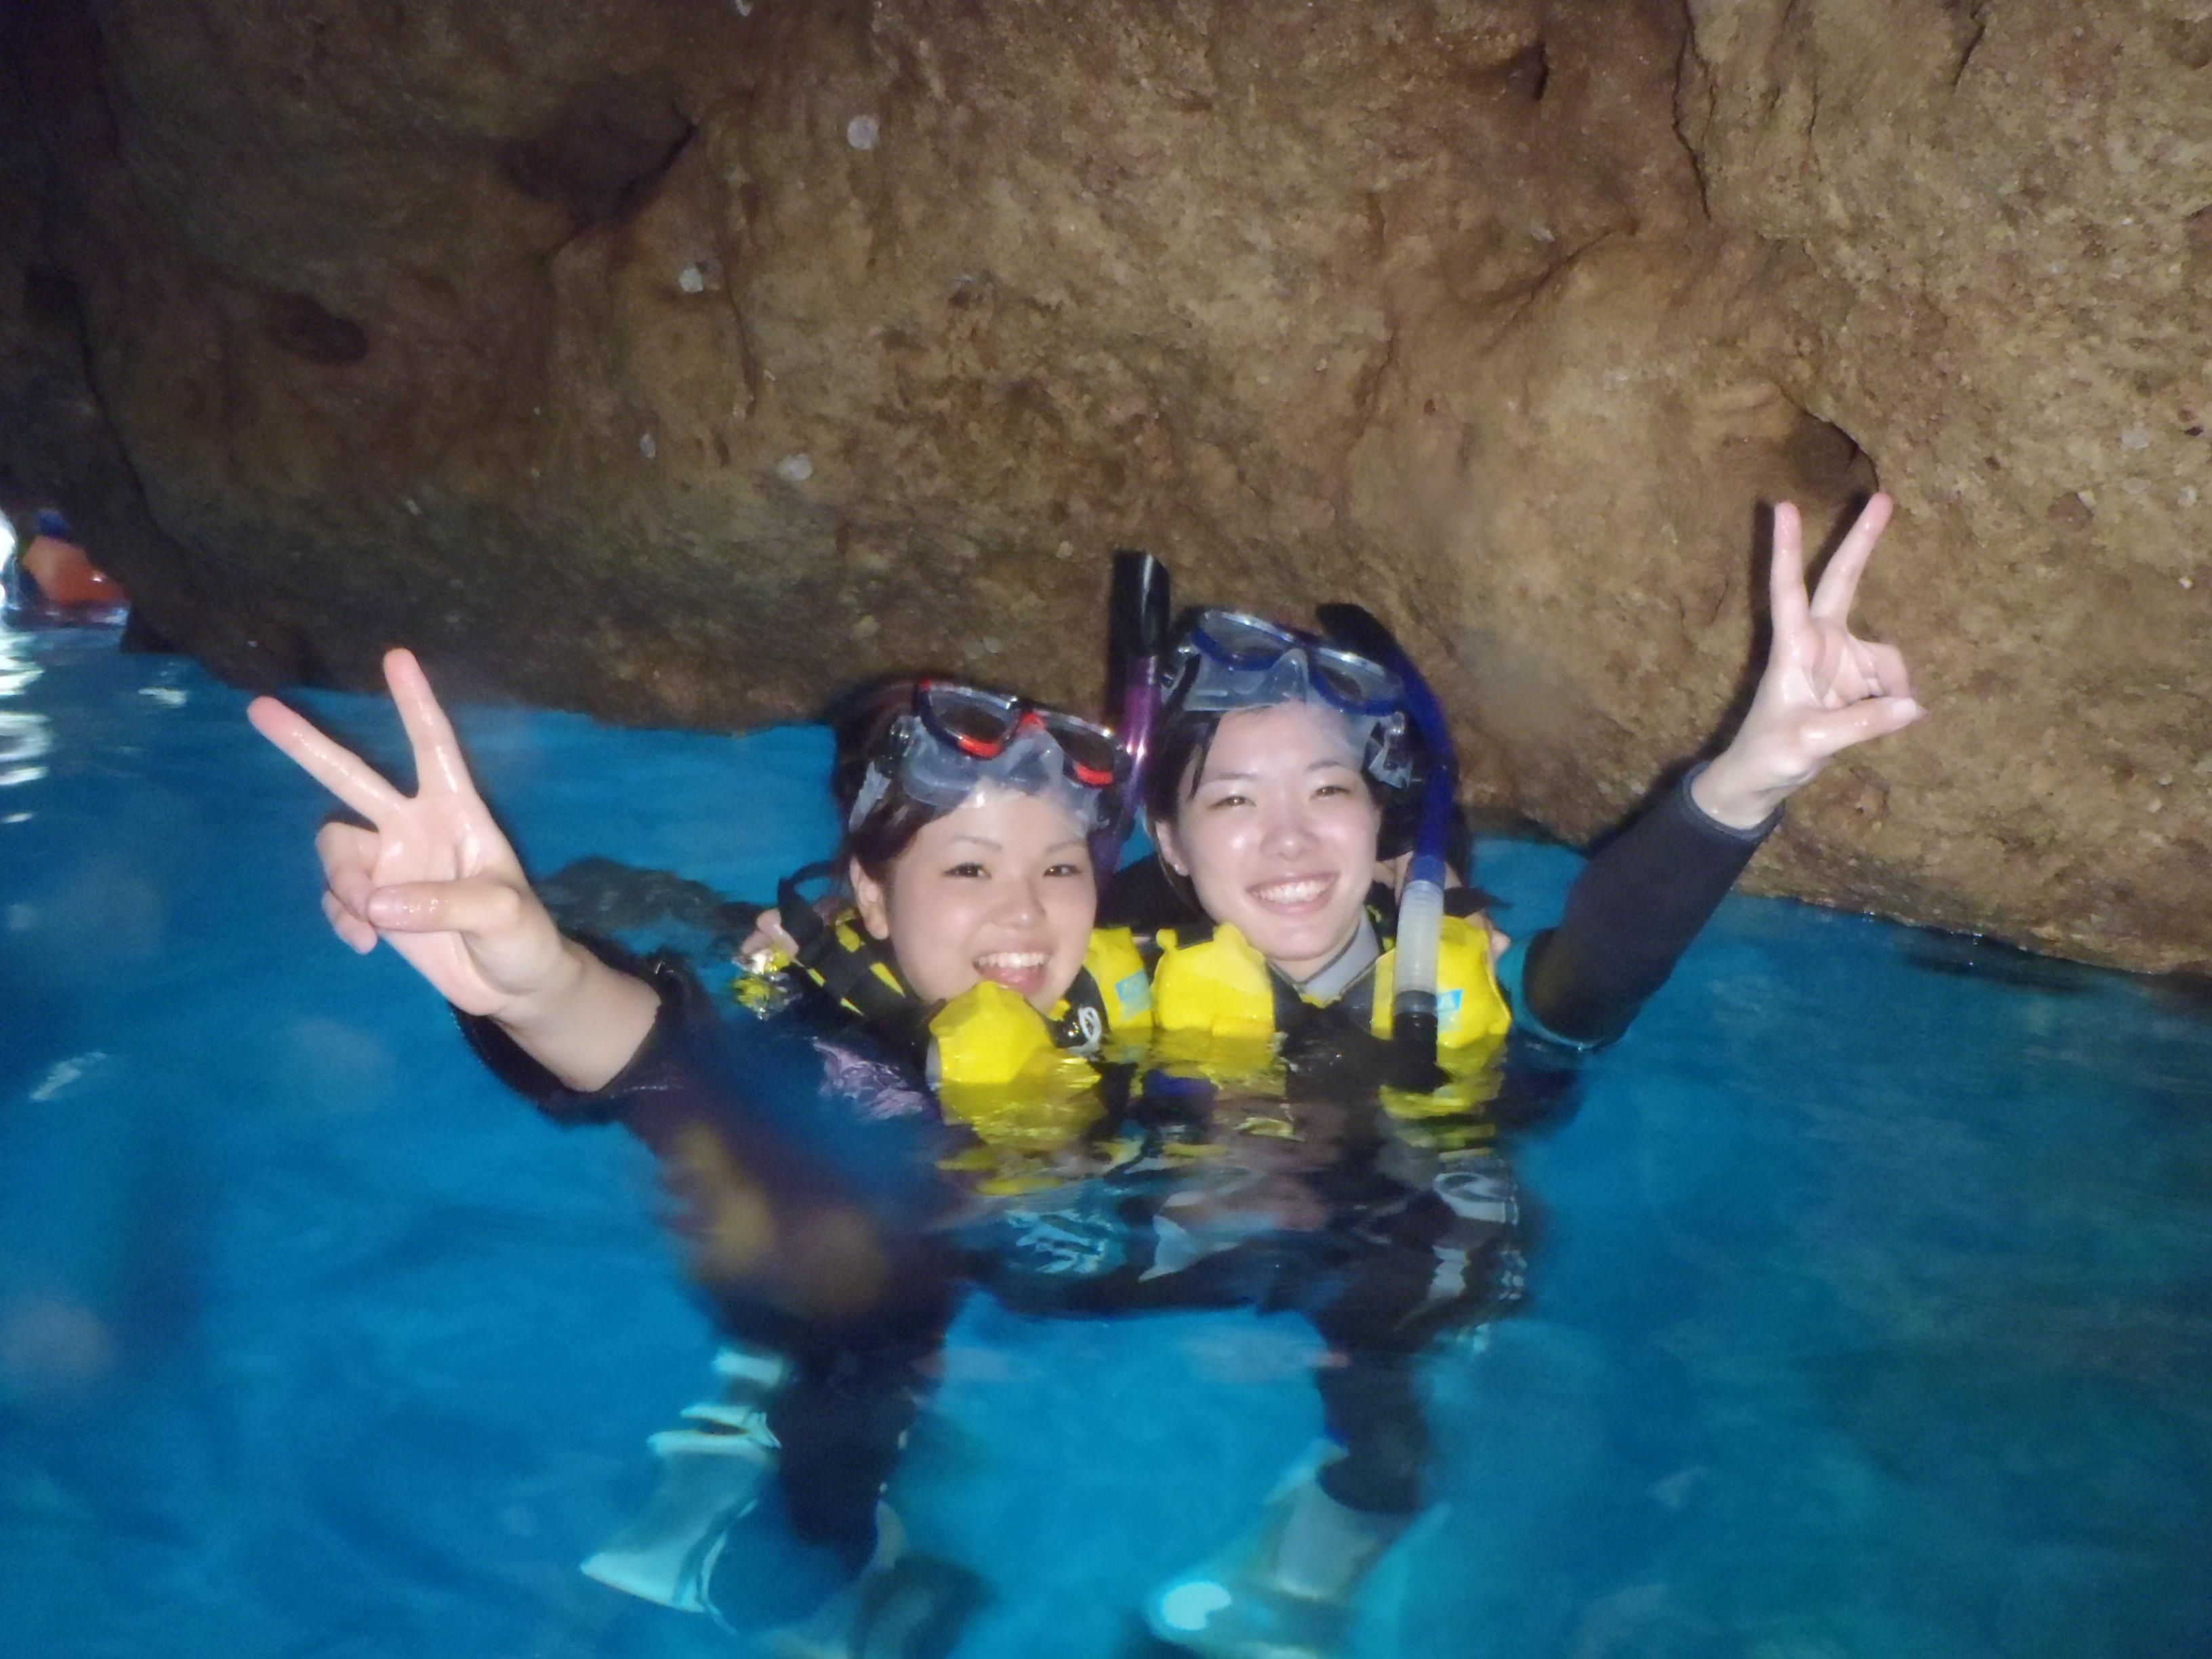 沖縄の青の洞窟でシュノーケリングツアーに友達と参加する